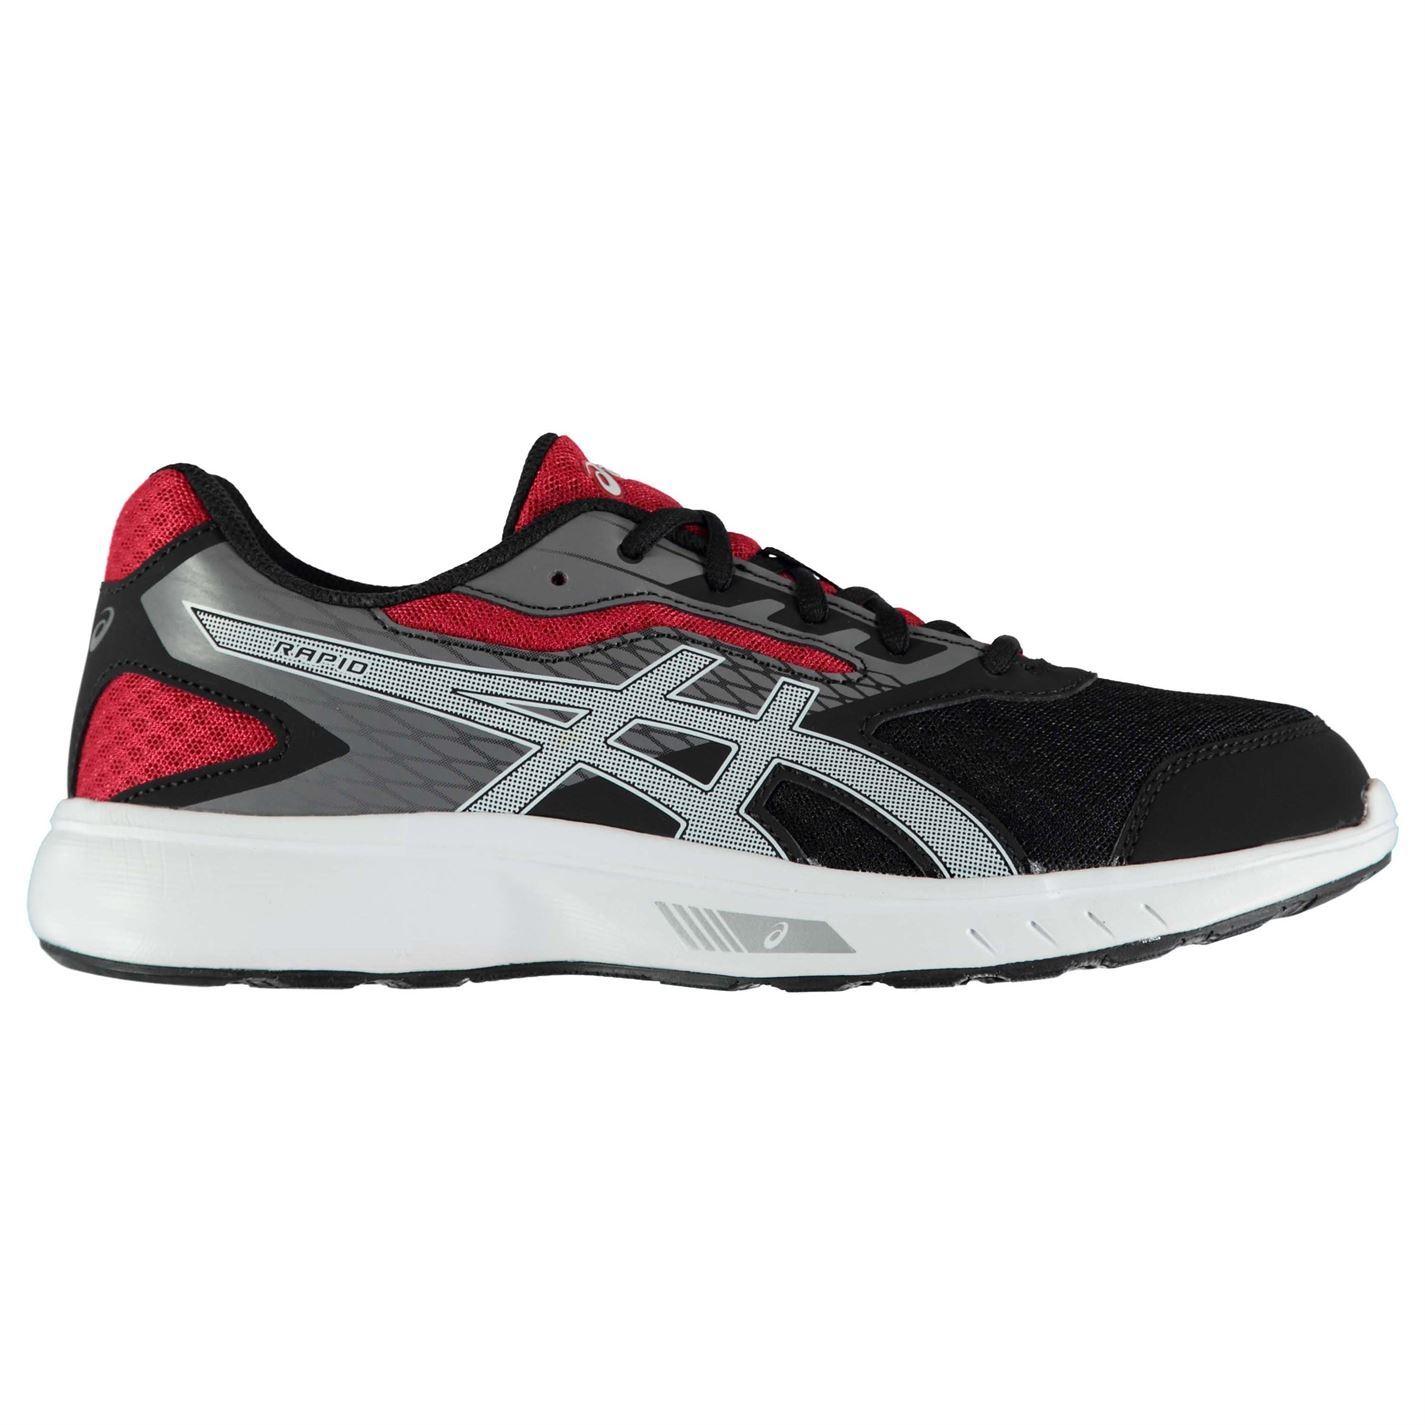 Détails sur Asics course Rapid 5 Chaussures de course Jogging sur Hommes Noir/ Blanc/ Rouge Jogging Baskets e6d2abf - www.ssckcd.info